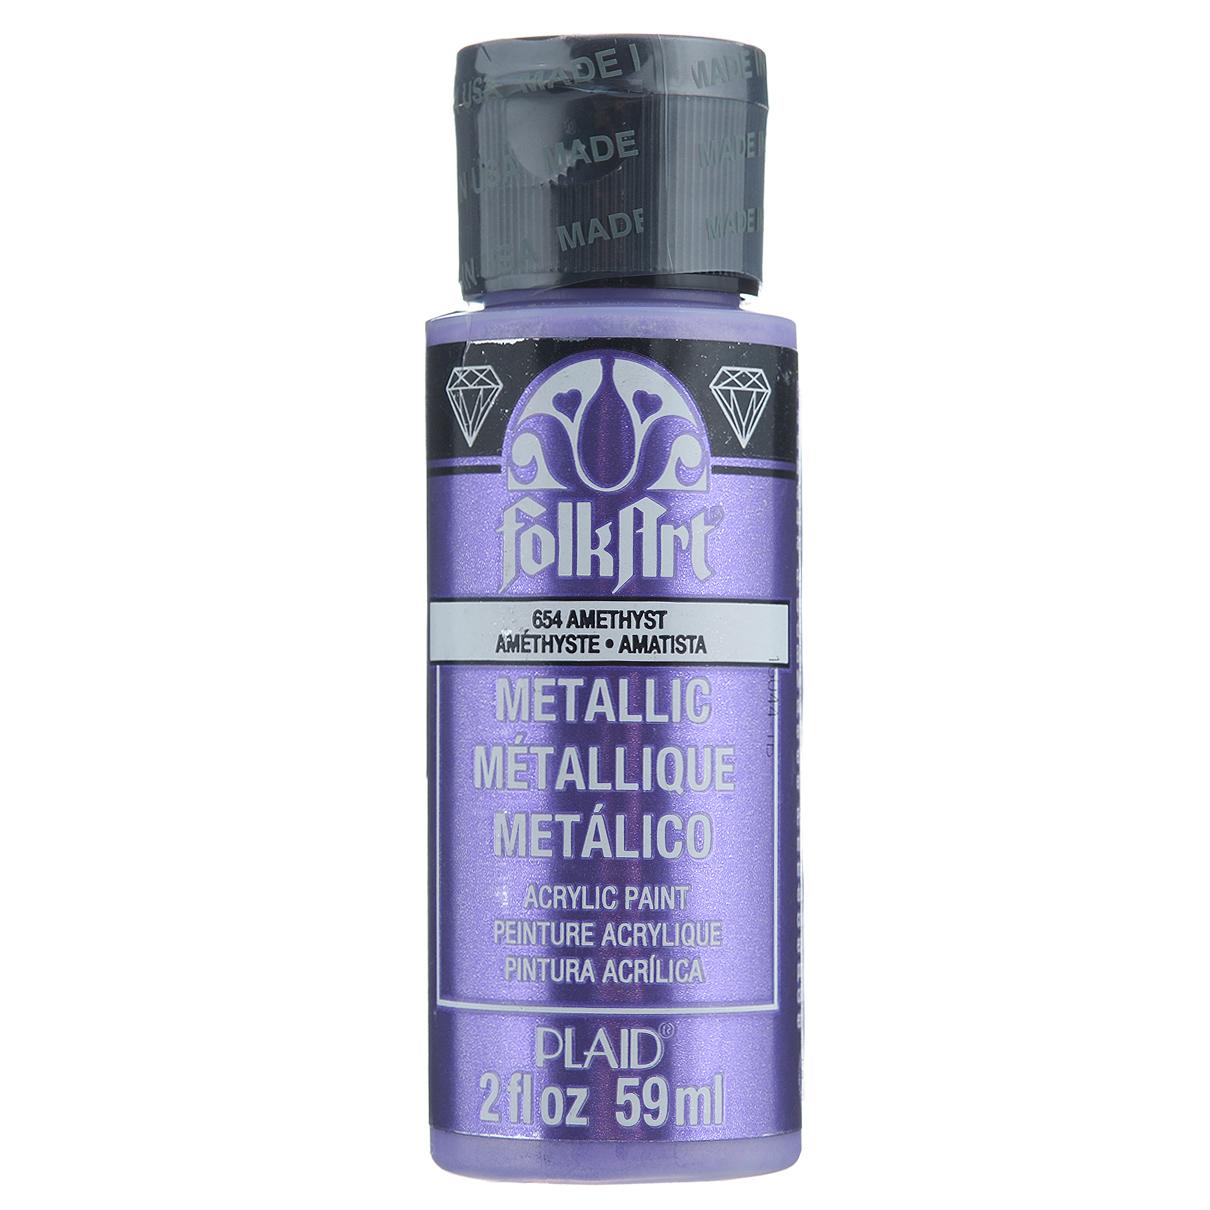 Акриловая краска FolkArt Metallic, цвет: аметист, 59 млPLD-00654Акриловая краска FolkArt Metallic выполнена на водной основе и предназначена для рисования на пористых поверхностях. Возможно нанесение на ткань, стекло и керамику при использовании со специальными составами-медиумами. Стойкое окрашивание, однородная консистенция. Краски разных цветов хорошо смешиваются между собой. Перед повторным нанесением краски дать высохнуть в течение 1 часа. До высыхания может быть смыта водой с мылом. Объем: 59 мл.